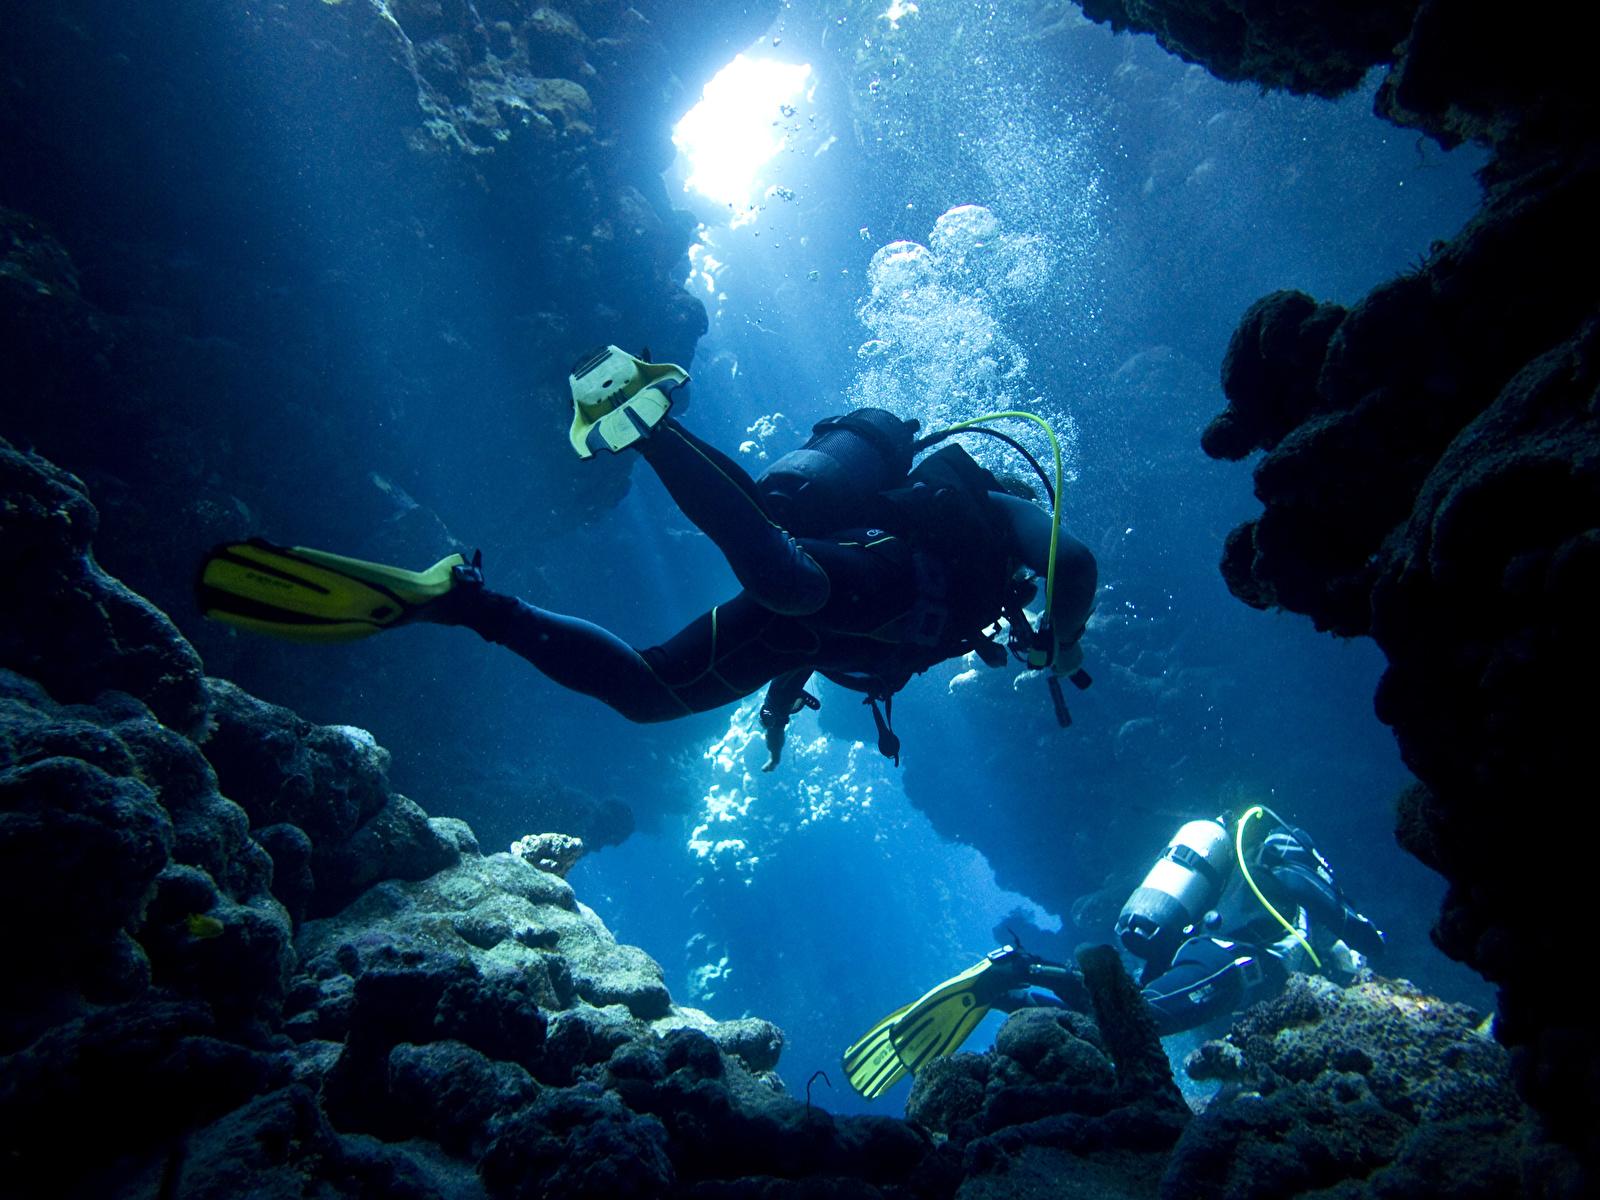 Fonds Decran 1600x1200 Plongée Sous Marine Eau Grotte